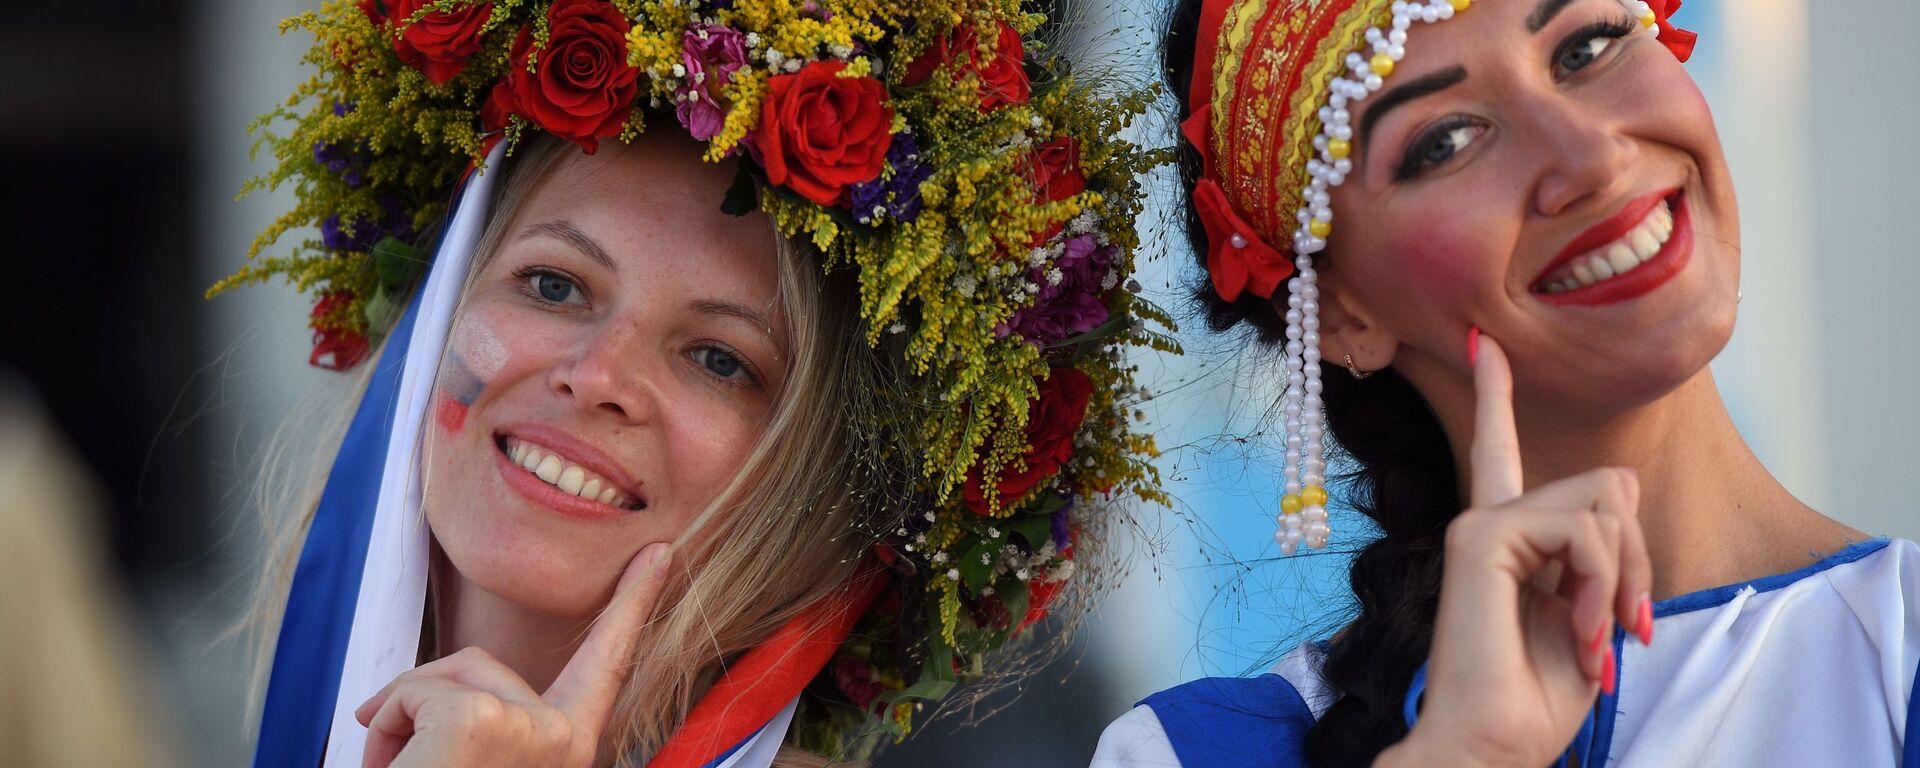 Kibice reprezentacji Rosji przed rozpoczęciem meczu ćwierćfinału mistrzostw świata w piłce nożnej między reprezentacją Rosji i Chorwacji  - Sputnik Polska, 1920, 27.09.2019